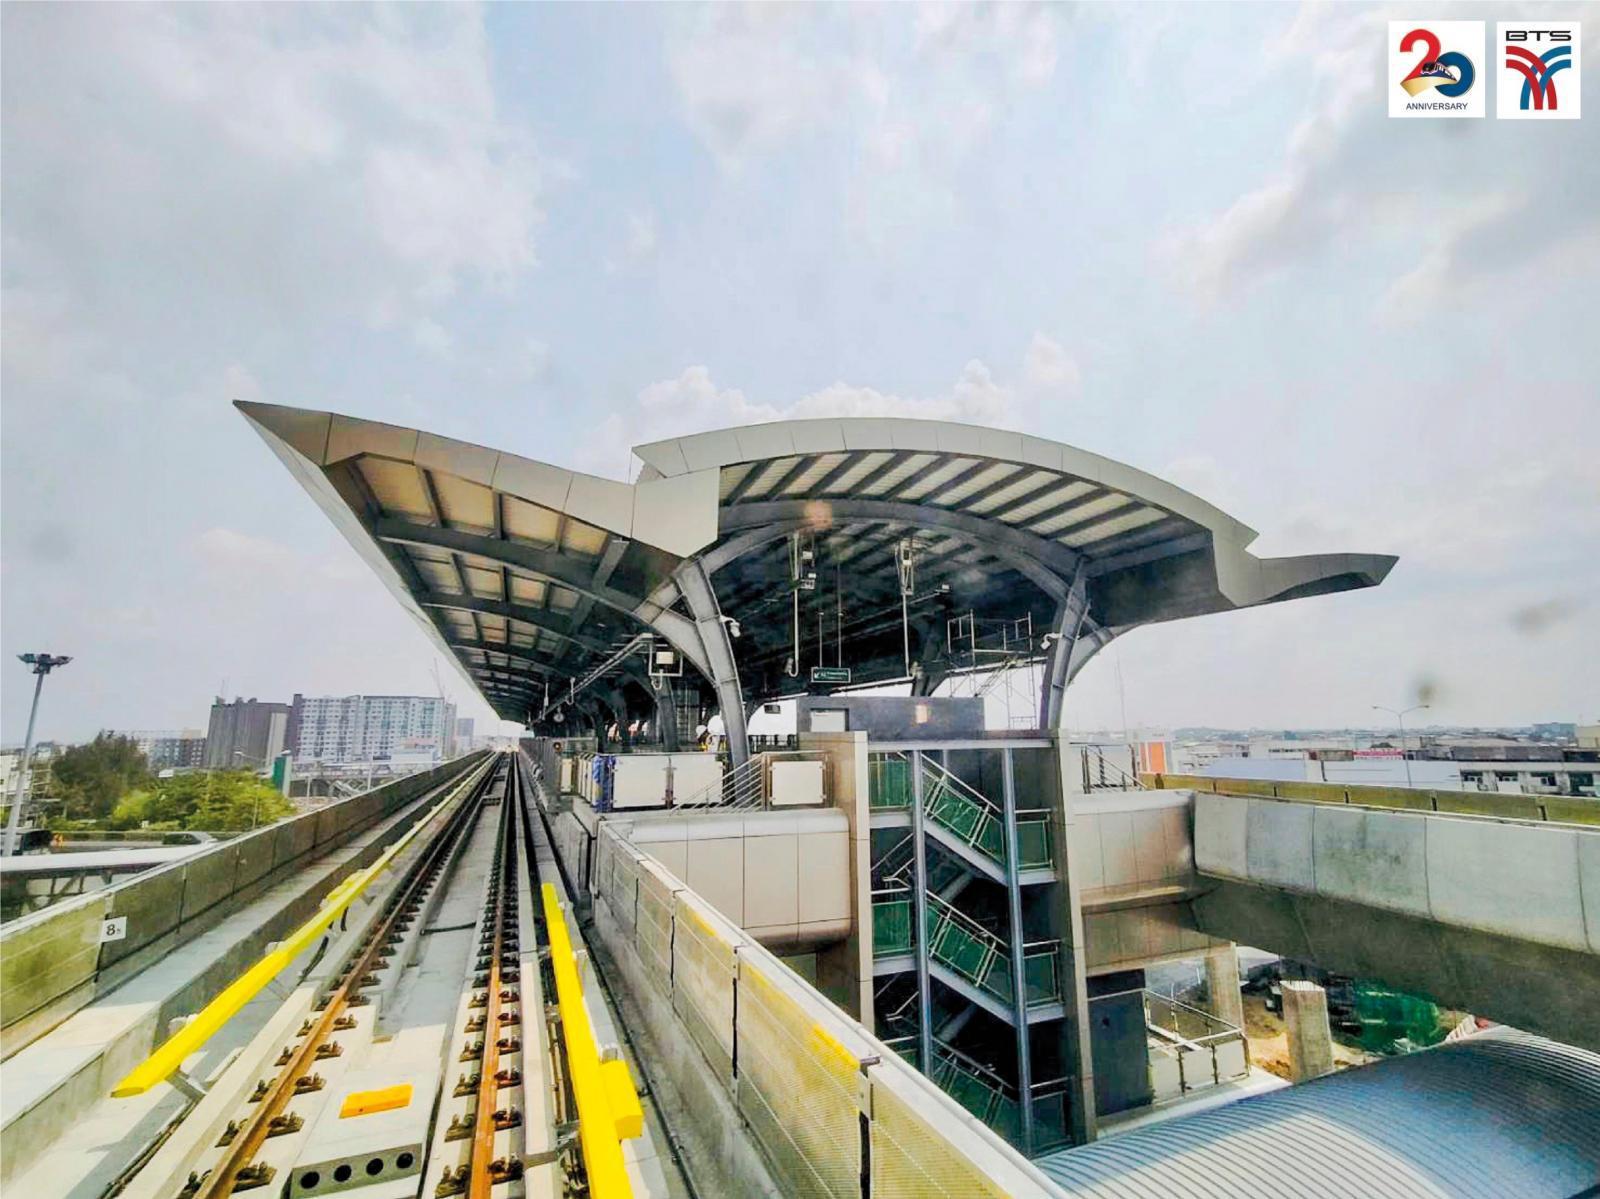 บีทีเอส เตรียมเดินรถ 4 สถานีใหม่  ถึงสถานีวัดพระศรีมหาธาตุ